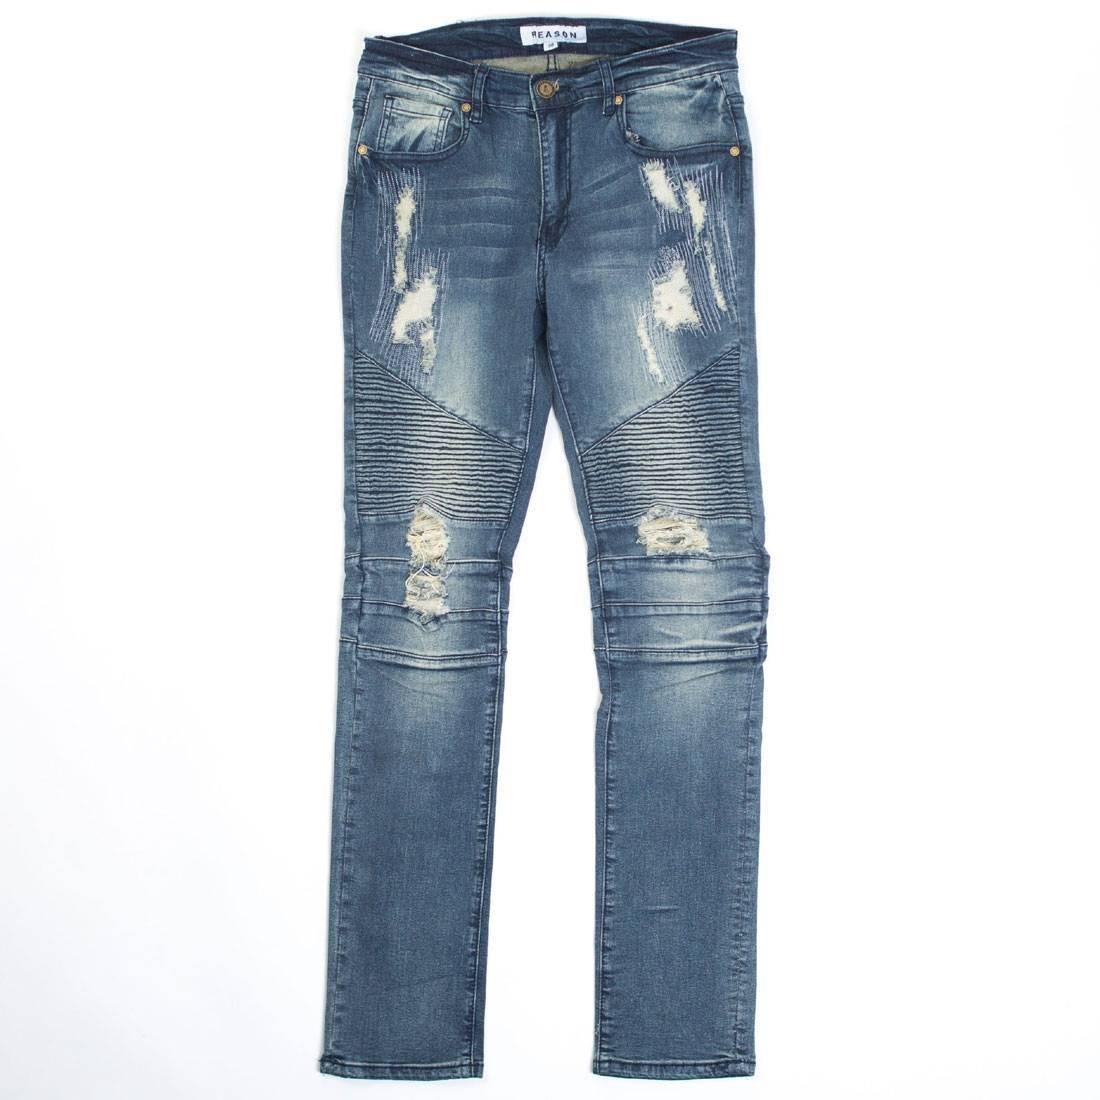 【海外限定】デニム ズボン メンズファッション 【 REASON MEN MULBERRY MOTO DENIM JEANS BLUE 】